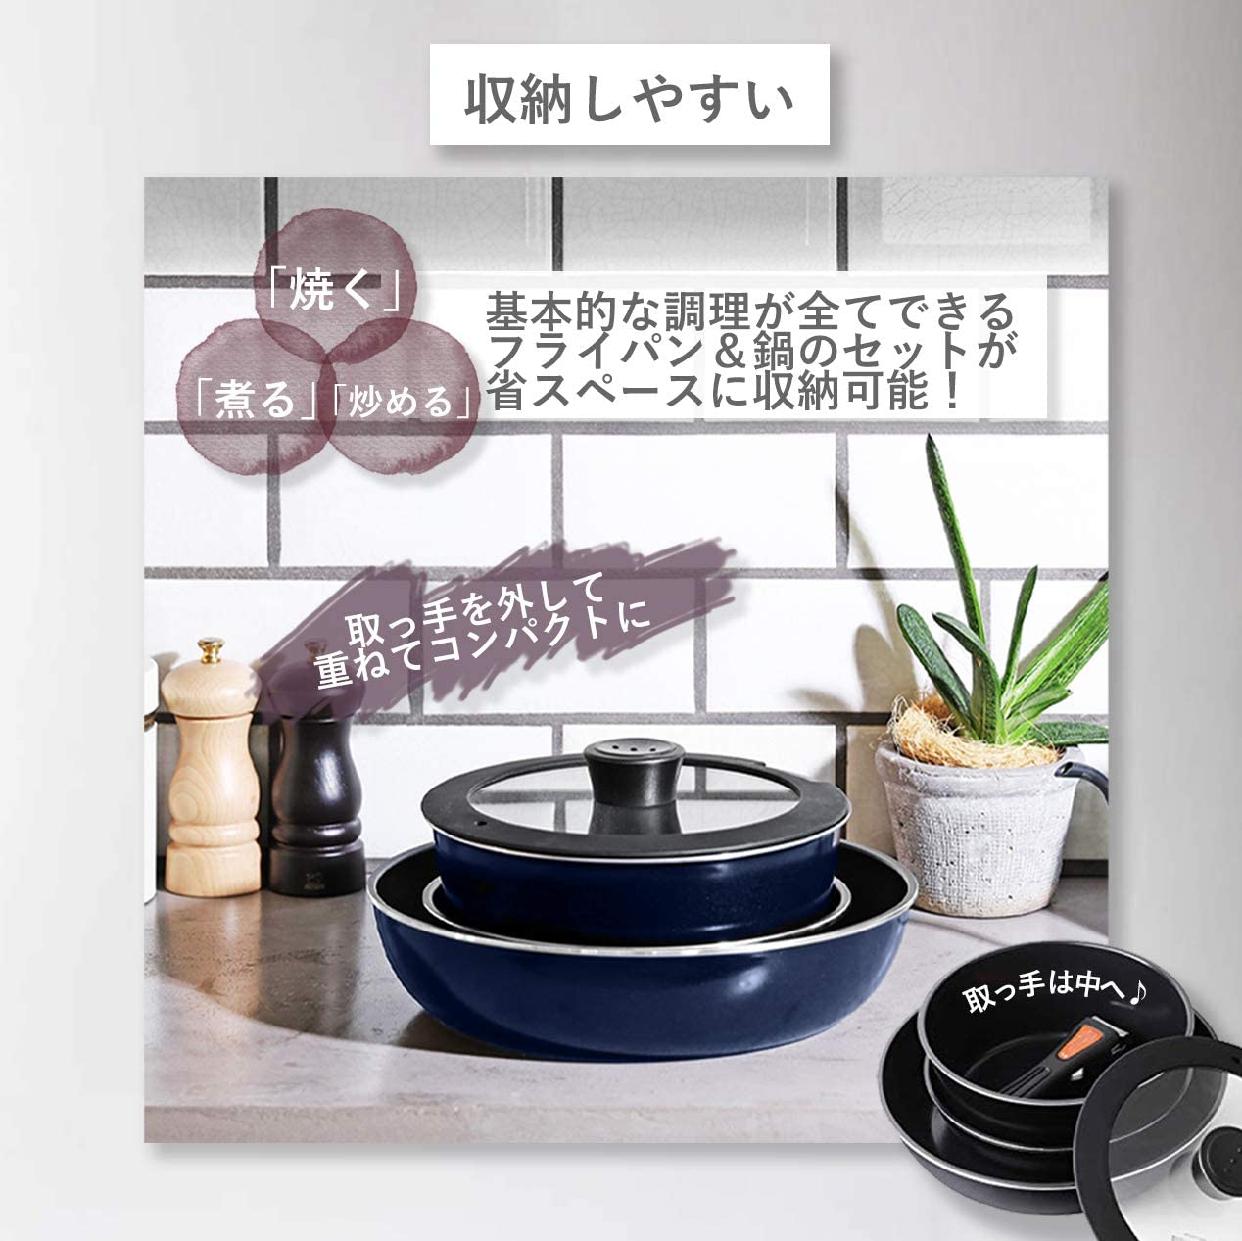 パール金属(ぱーるきんぞく)ダイヤモンドコート 7点セットの商品画像6